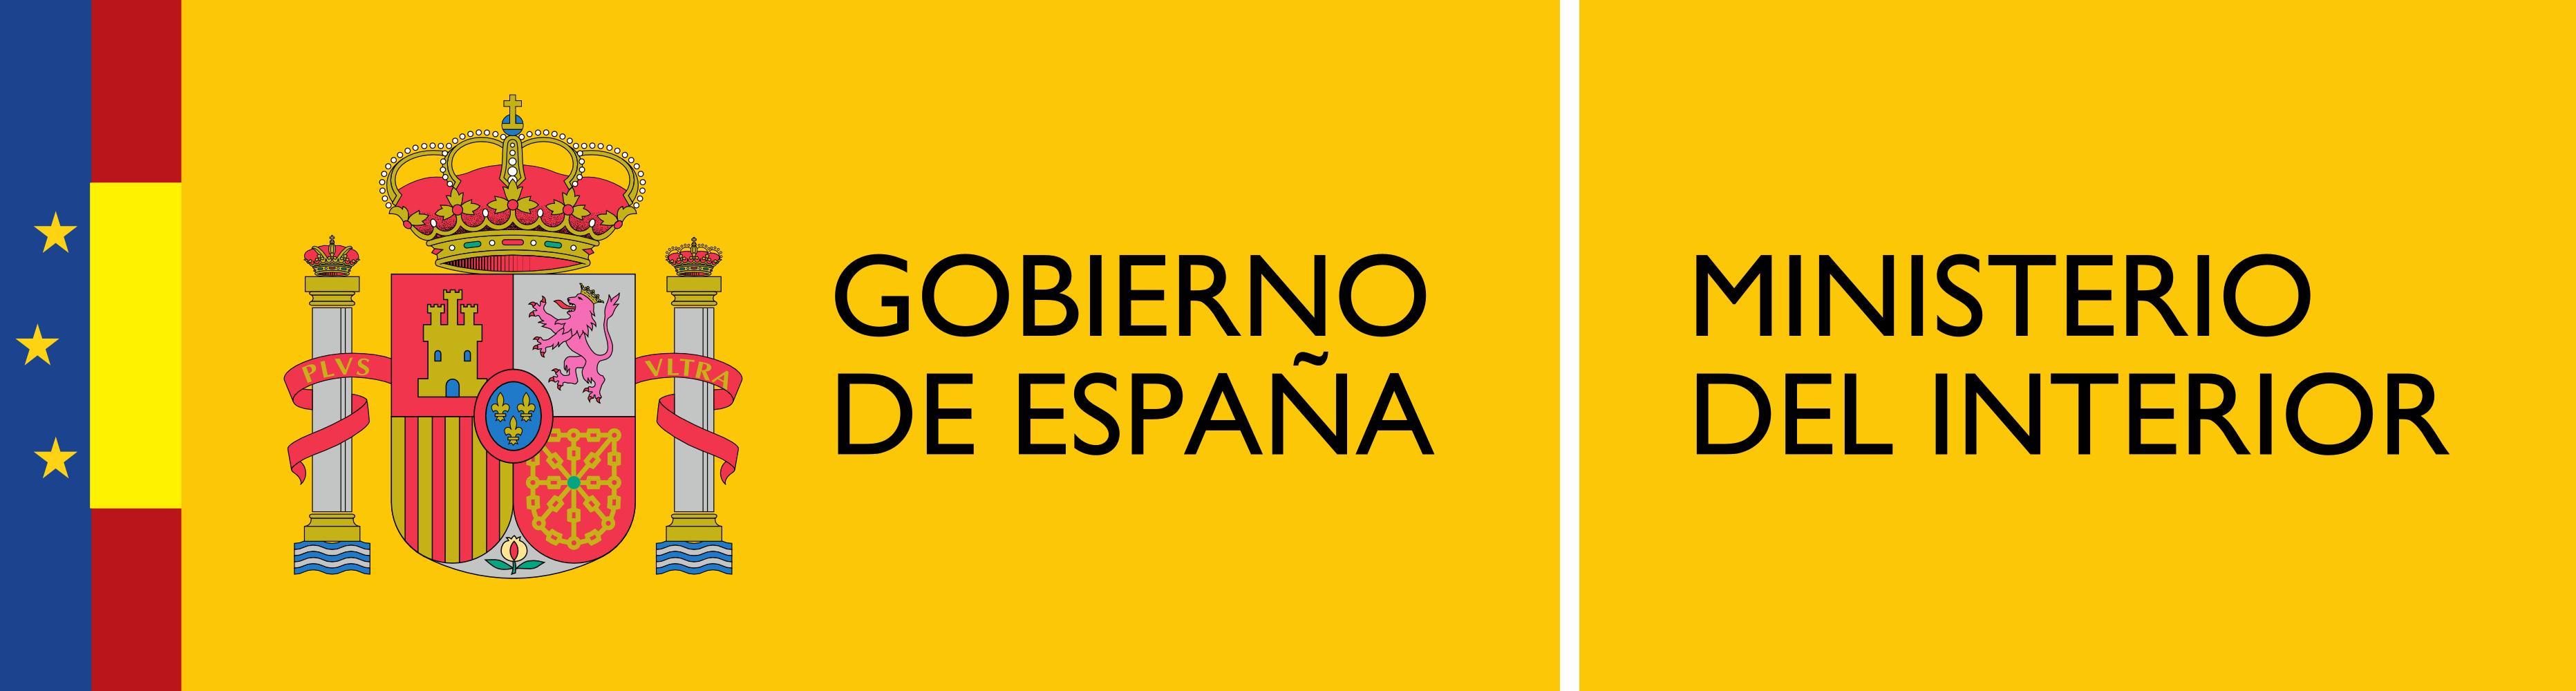 Gobierno de España | Ministerio del Interior